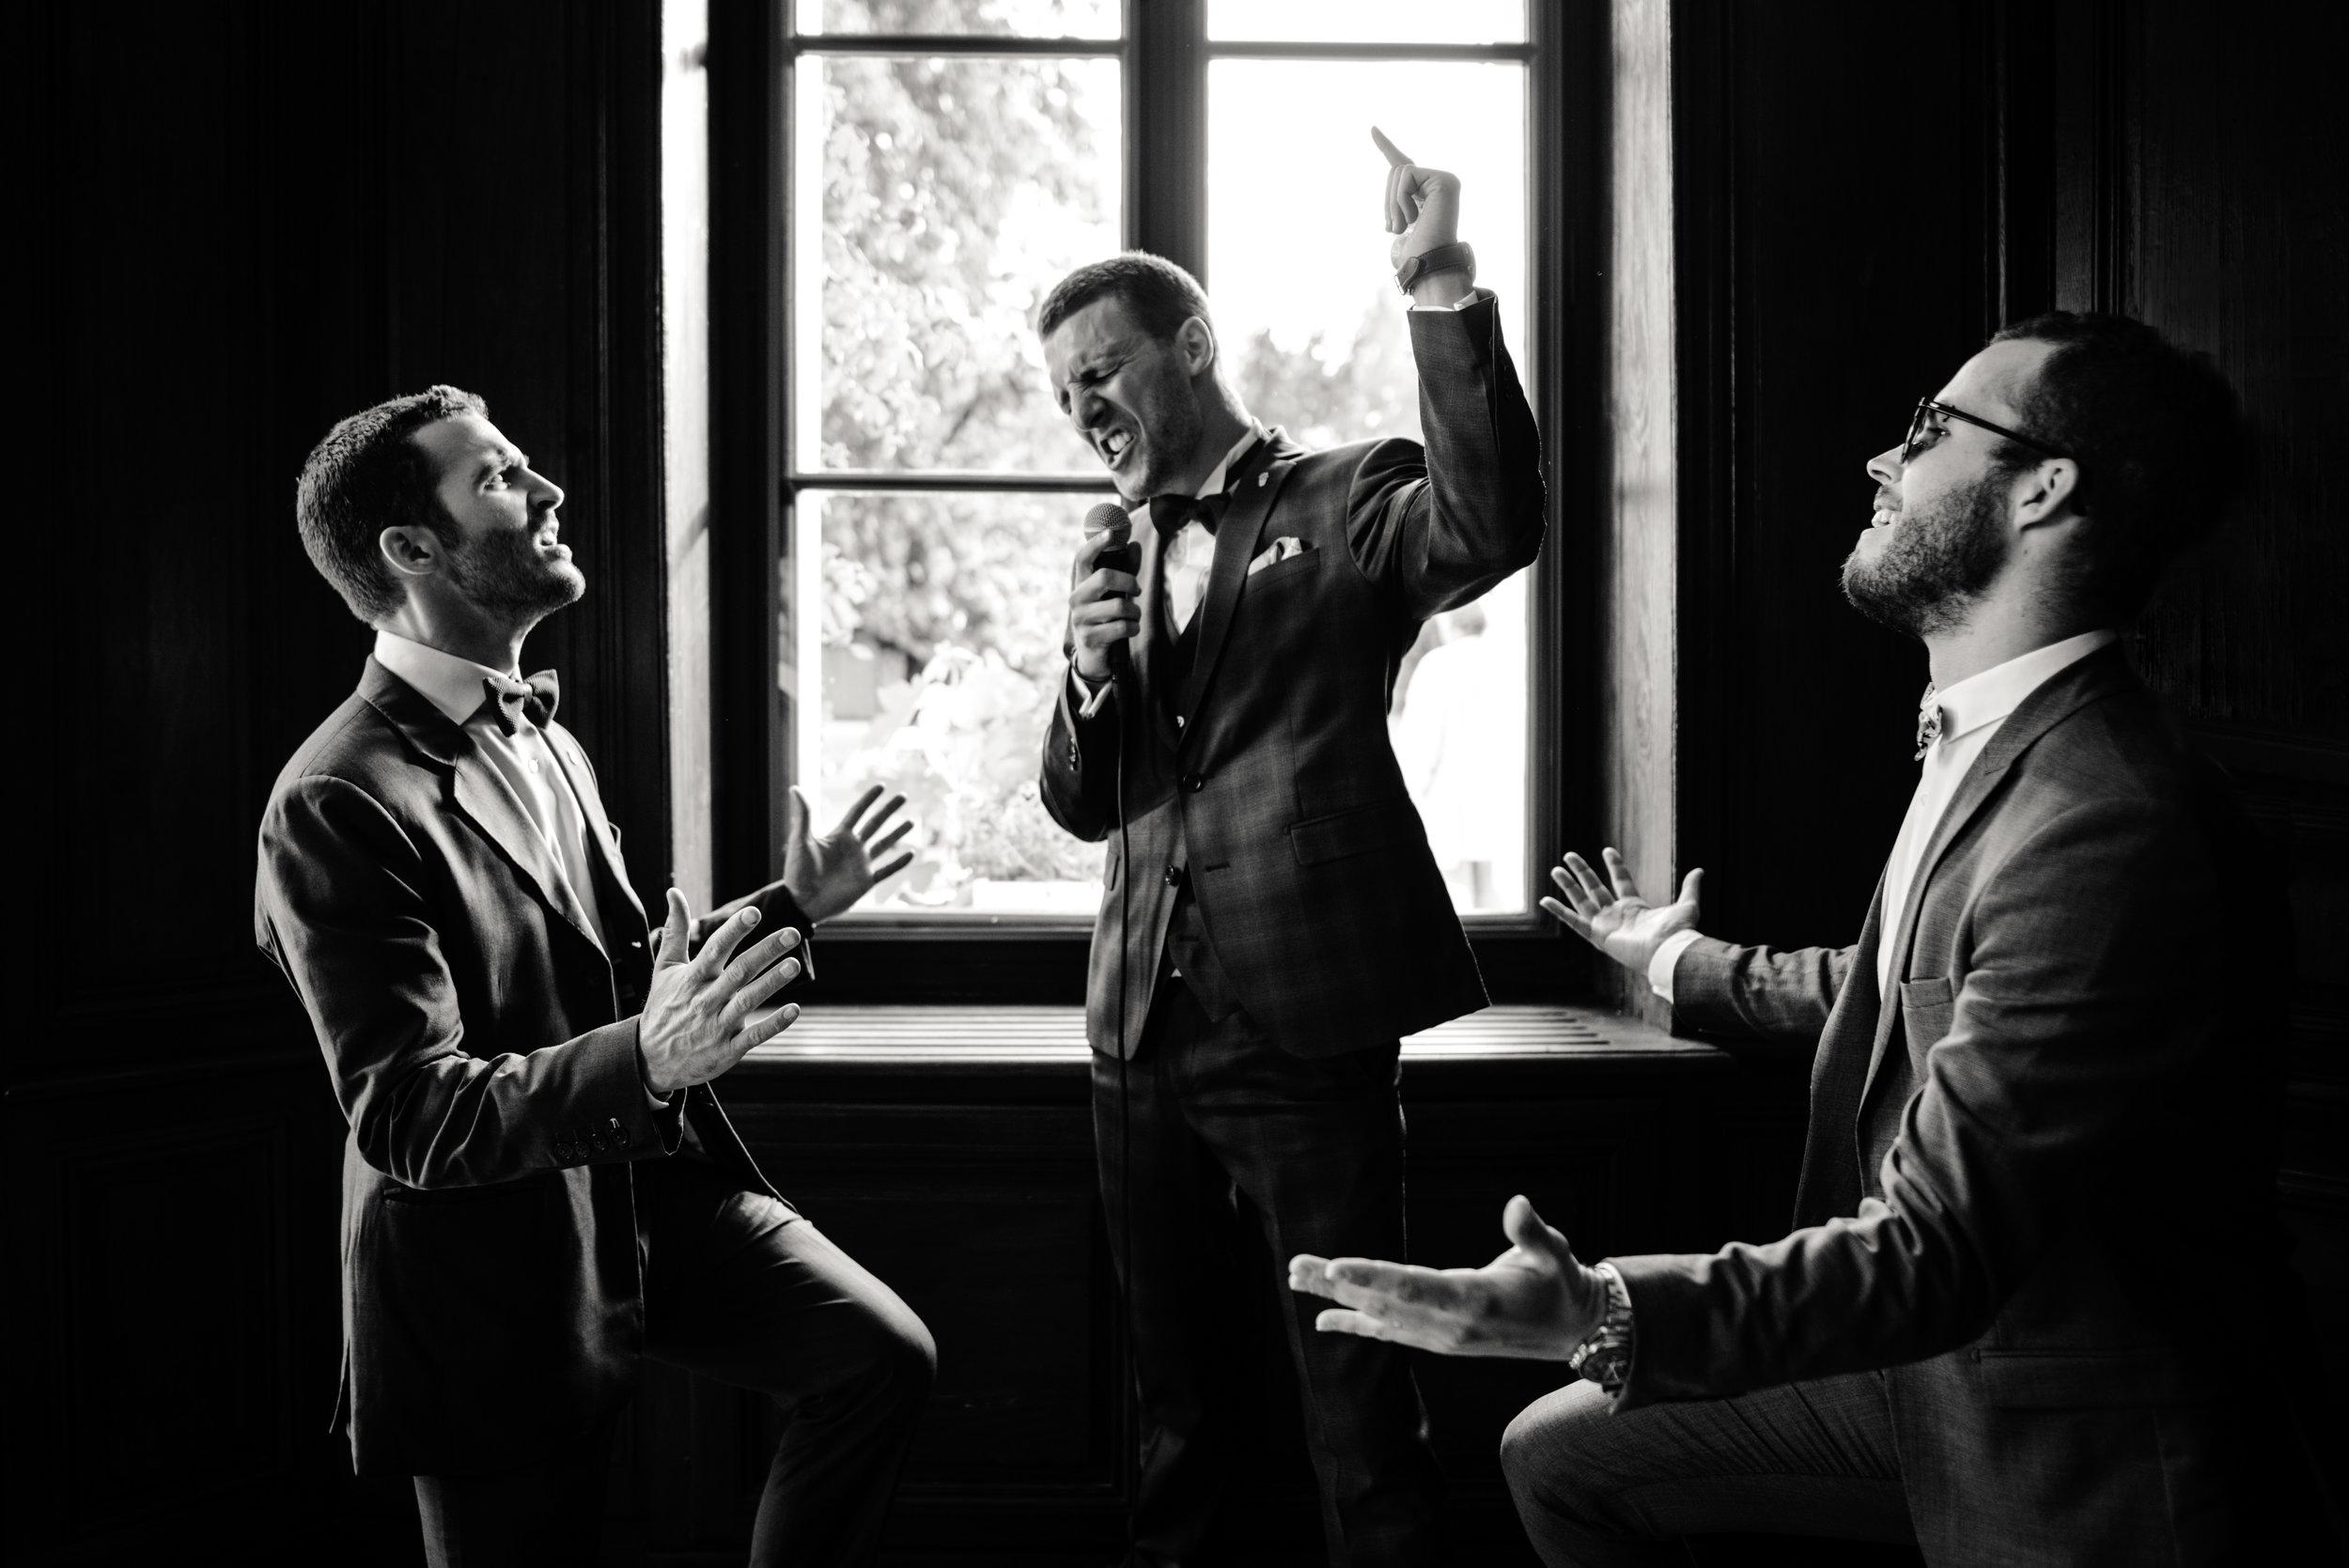 Léa-Fery-photographe-professionnel-lyon-rhone-alpes-portrait-creation-mariage-evenement-evenementiel-famille--3.jpg